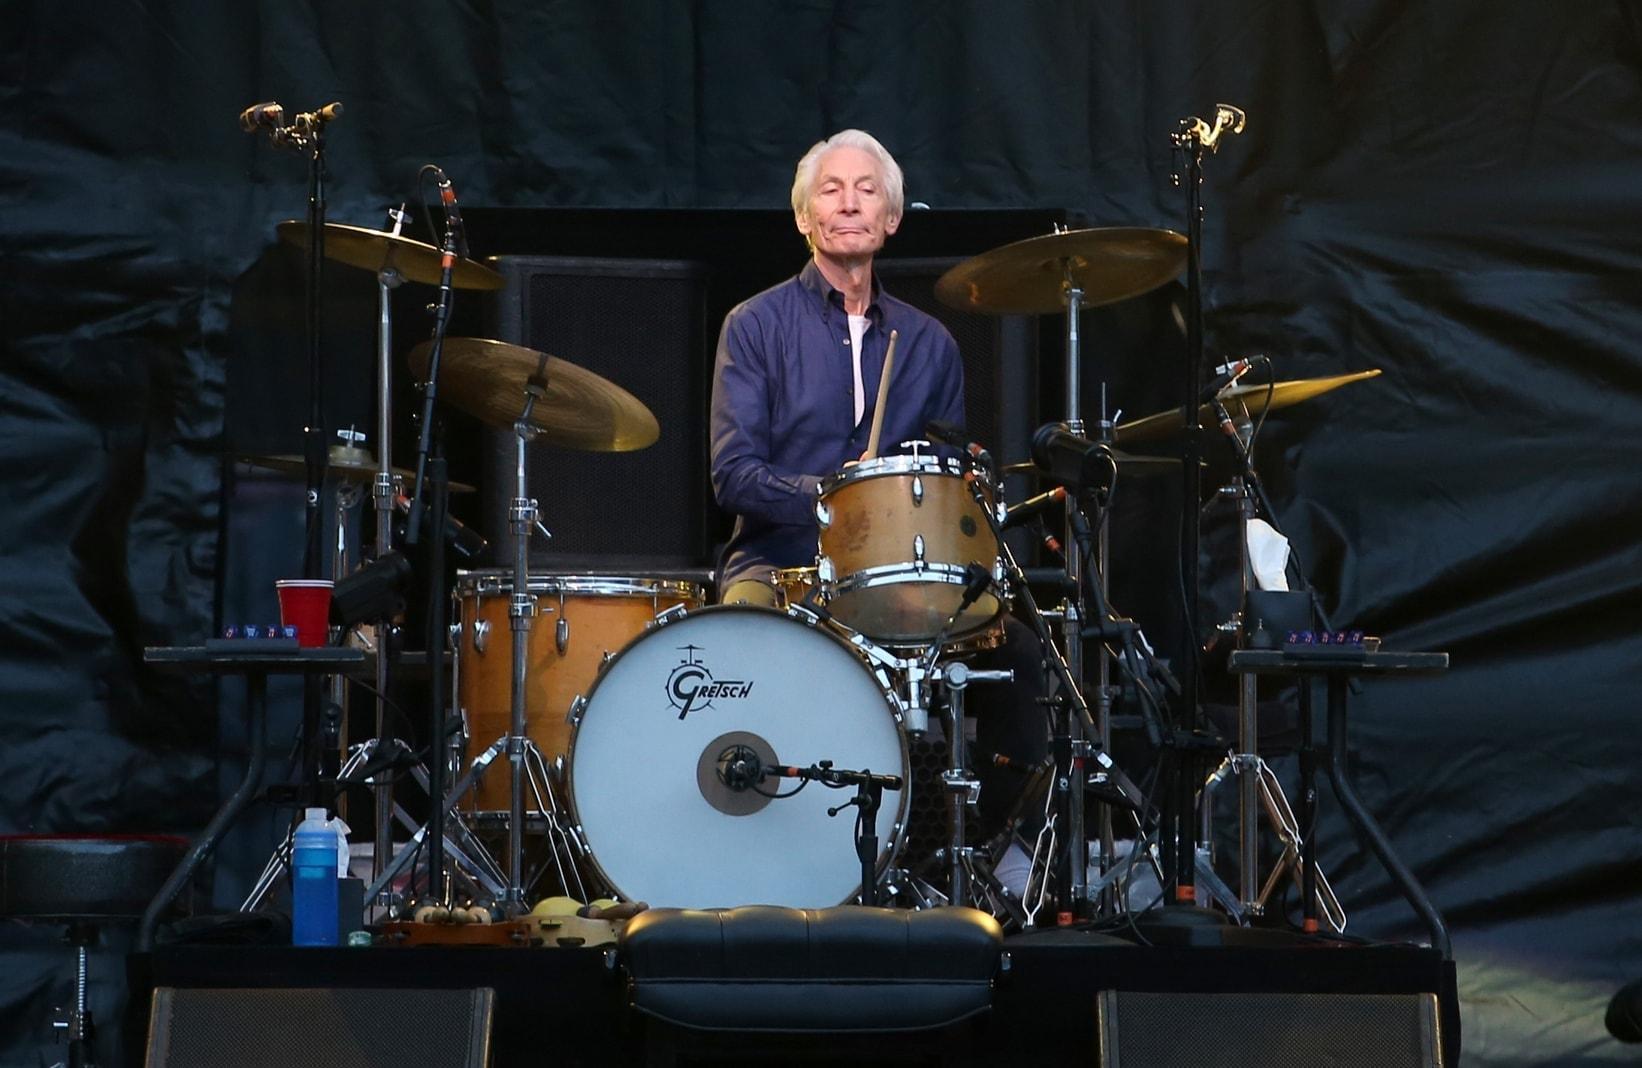 Rolling-Stones-Schlagzeuger Charlie Watts mit 80 gestorben